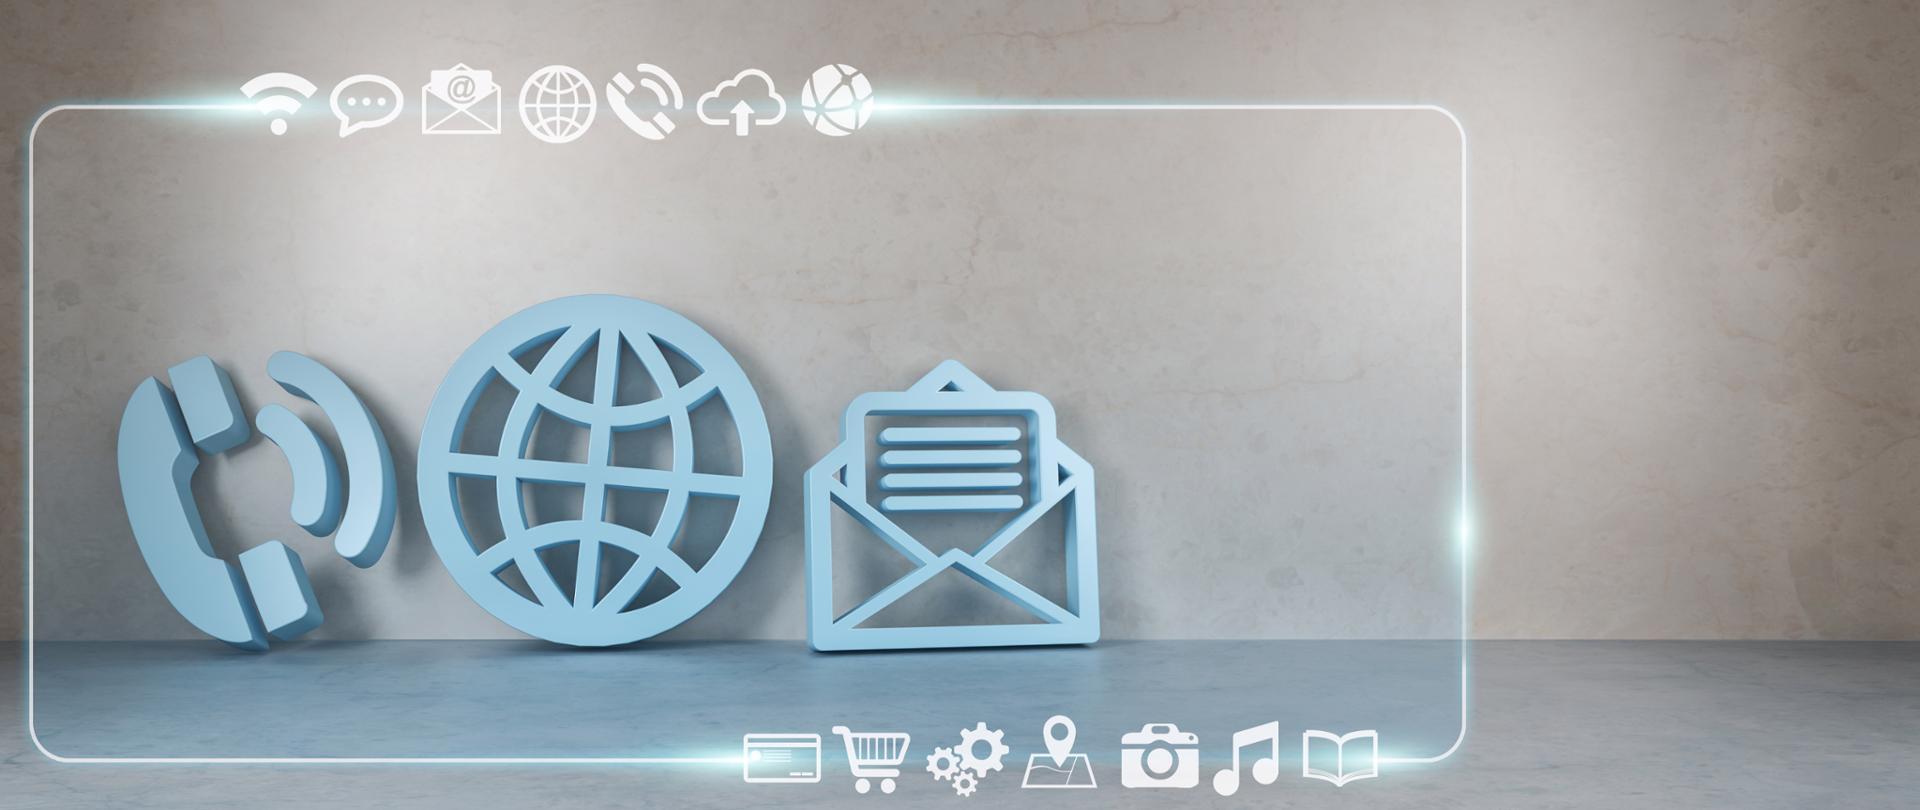 Ikony przedstawiające różne formy kontaktu elektronicznego - telefon, kula ziemska i koperta